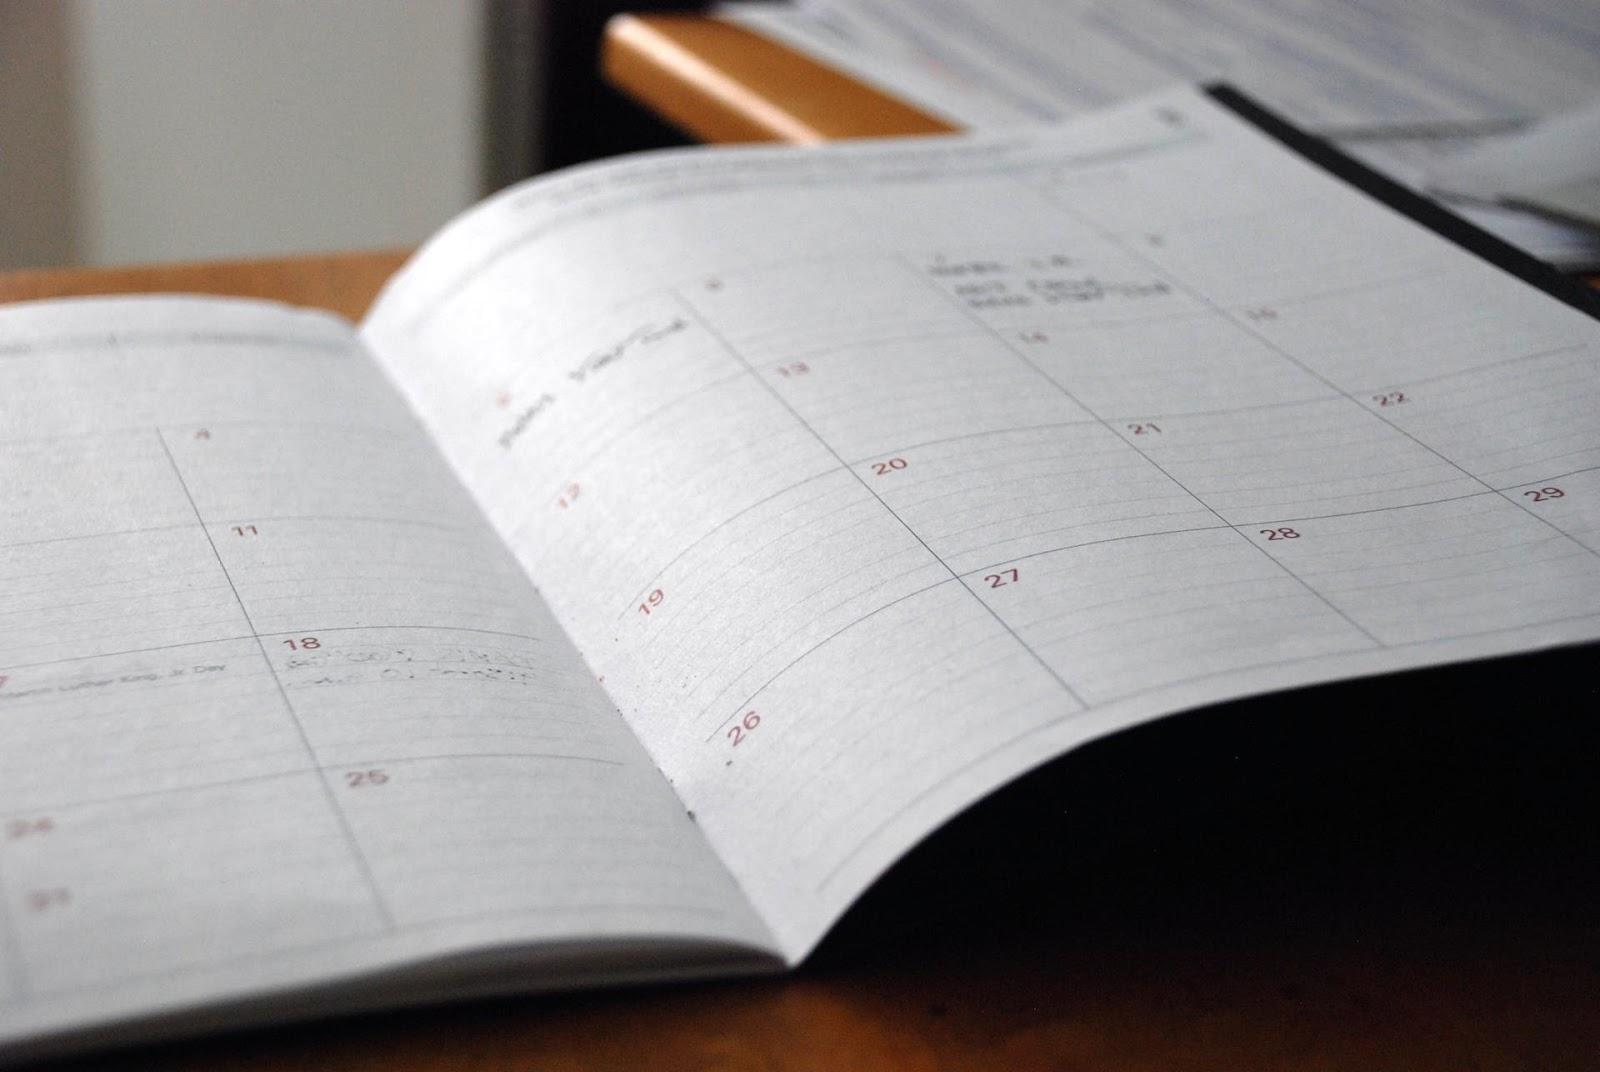 Um planejamento semanal ajuda a gerenciar o tempo e a rotina de forma simples e eficiente